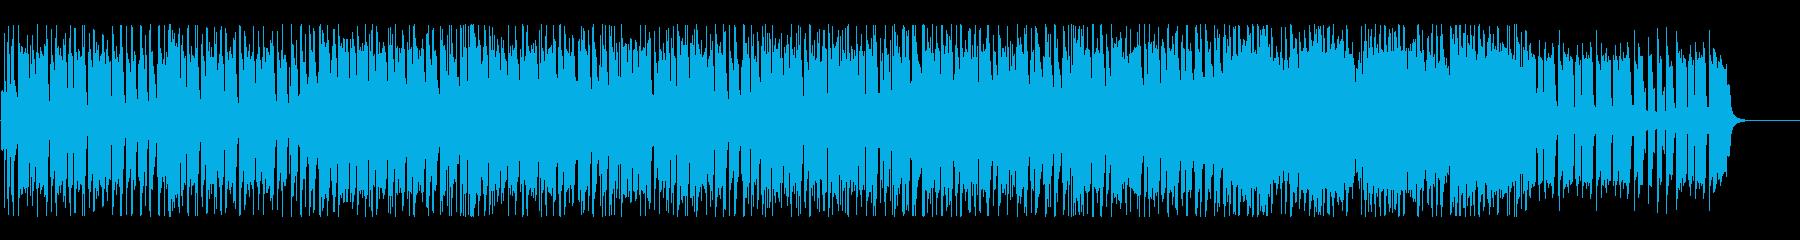 オーディオドラマ向けBGM/日常2の再生済みの波形